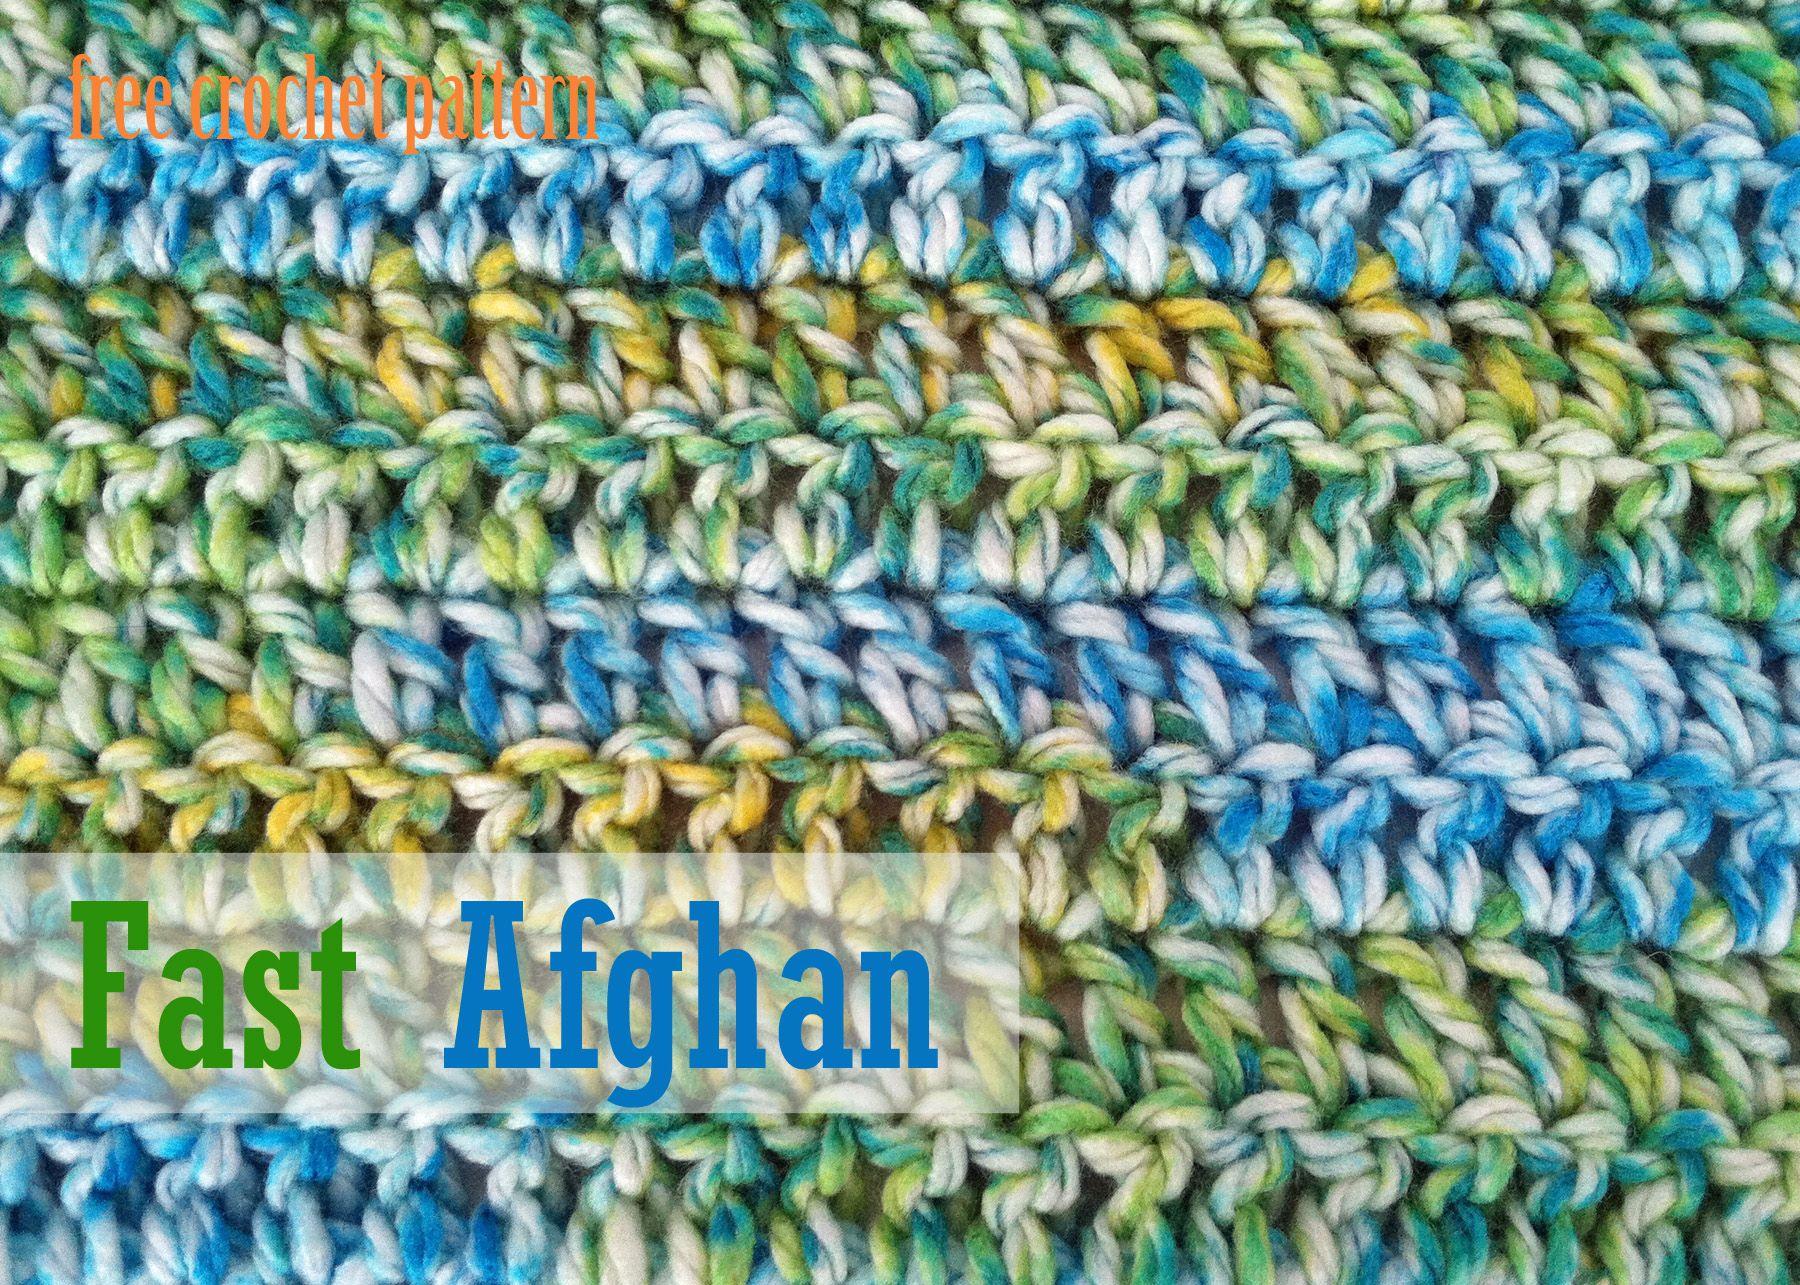 Free Crochet Pattern - Fast Afghan | Crochet/Knit Patterns ...